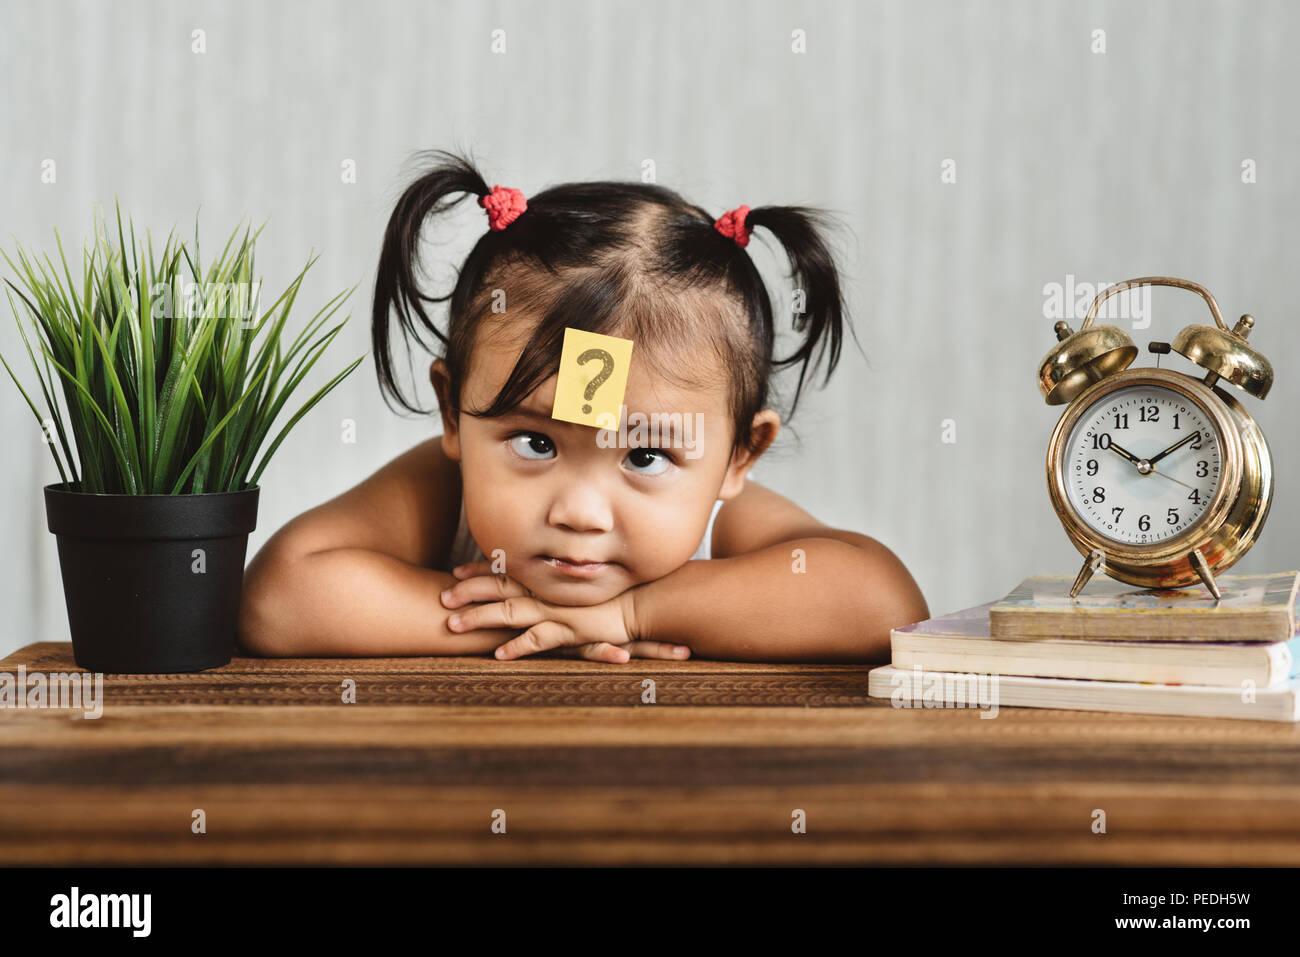 Süß und lookian verwirrt asiatischen Kleinkind mit Fragezeichen auf der Stirn. Konzept des Kindes lernen bildung, Wachstum und Entwicklung. Stockbild